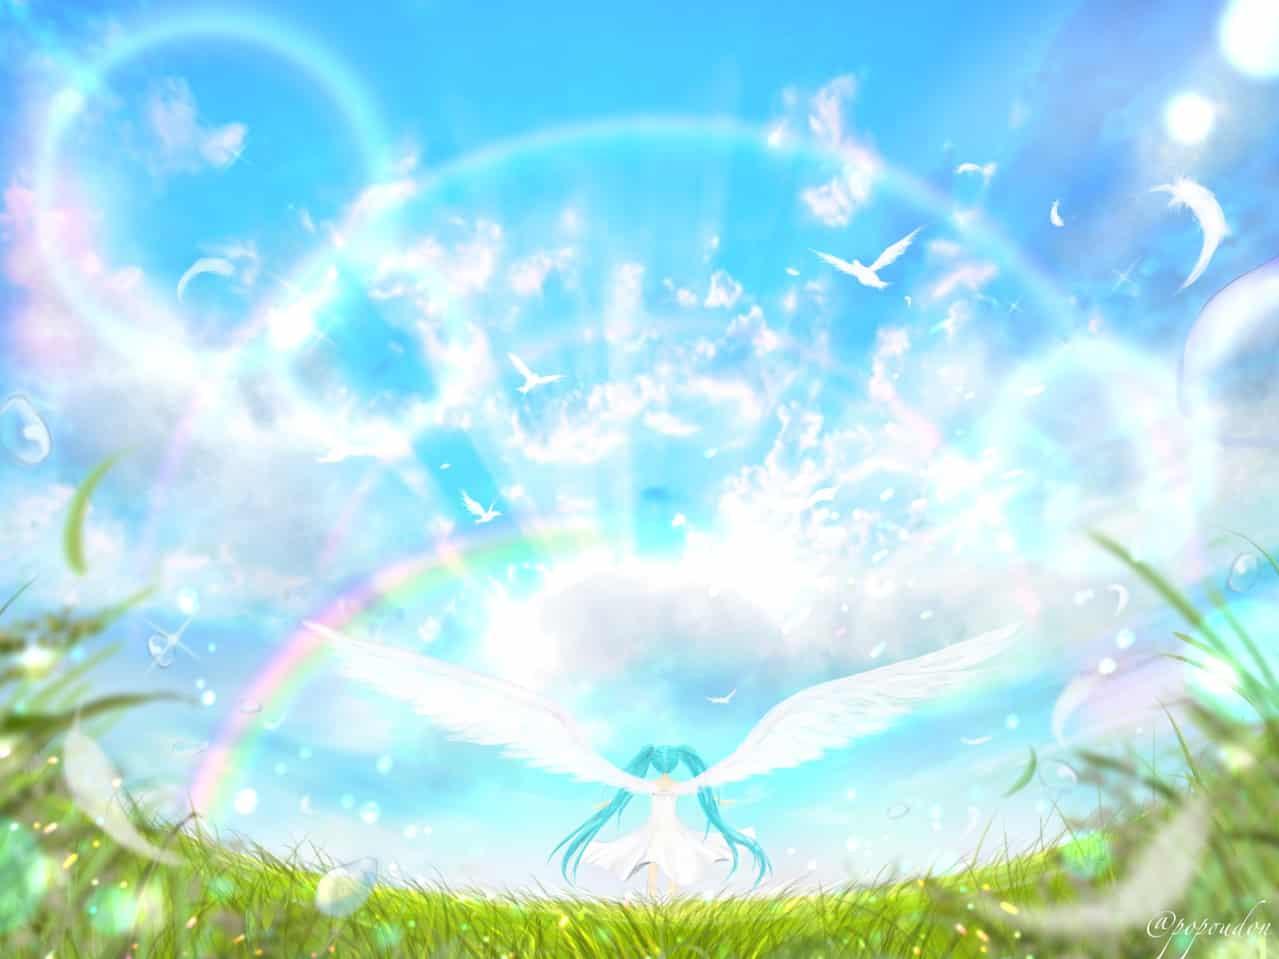 翼 Illust of ぽぽうどん April.2020Contest:Color ARTstreet_Ranking wings 草原 scenery 青空 風景画